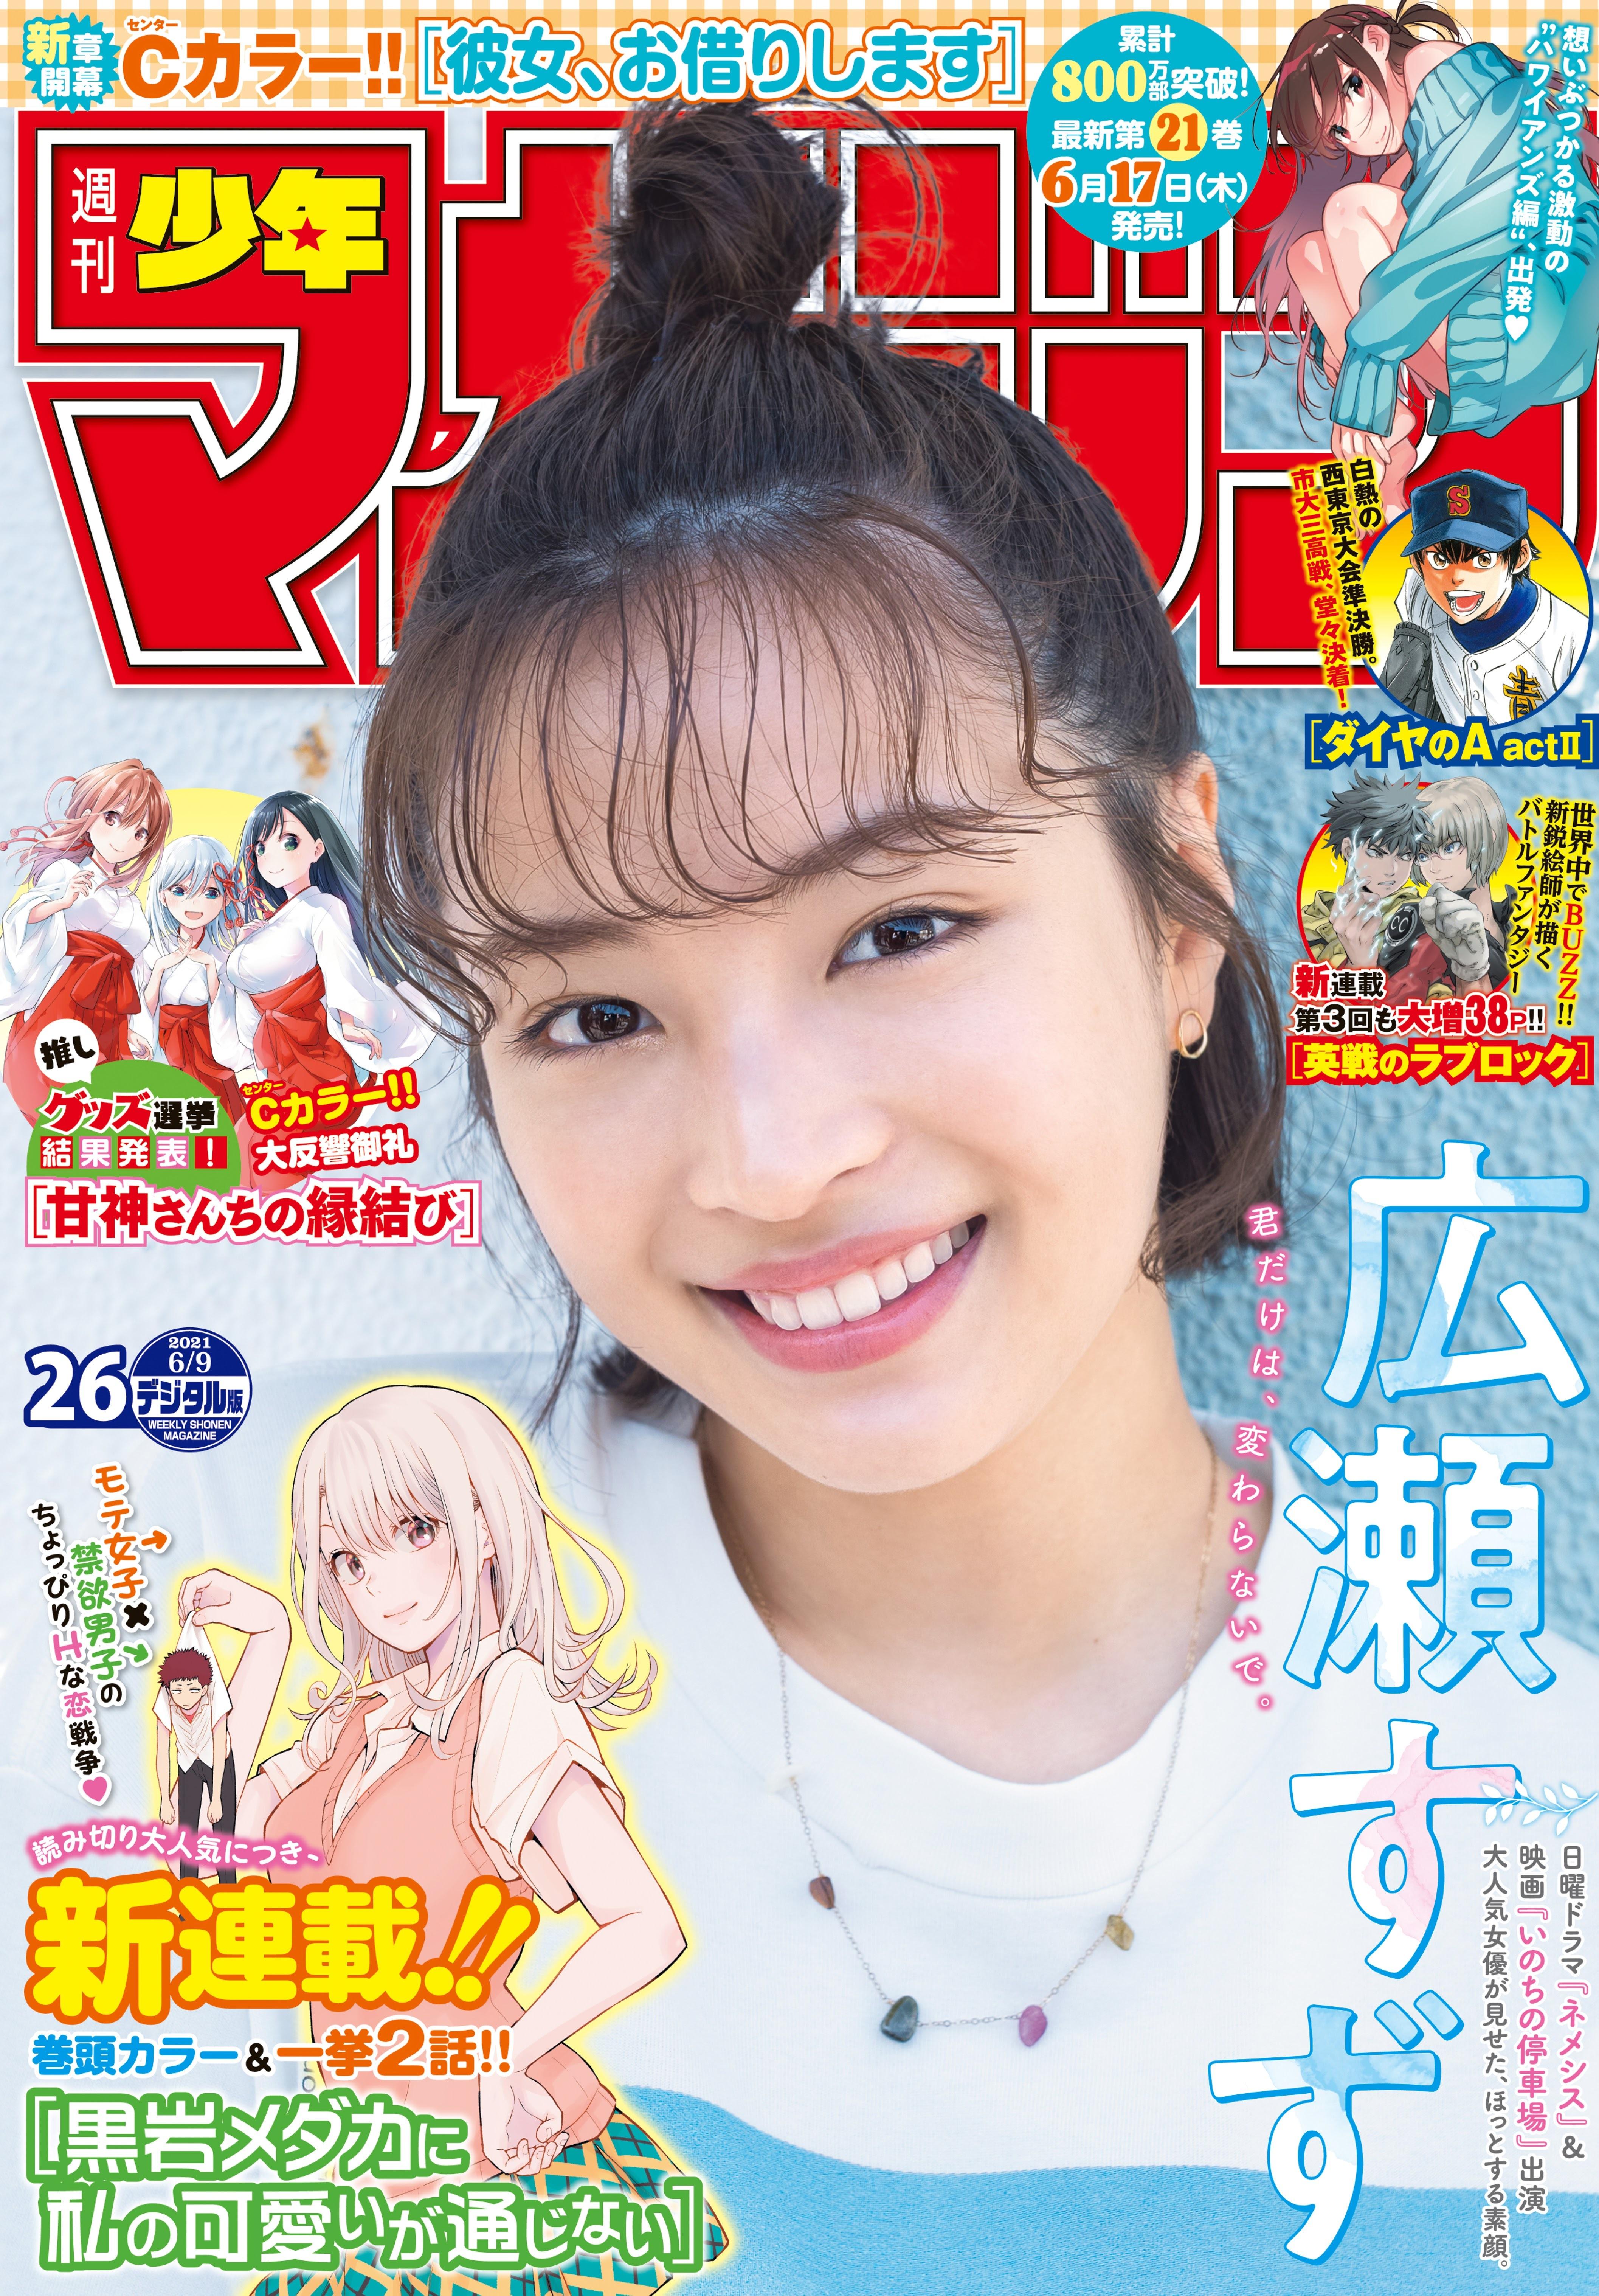 少年Magazine 广濑丝丝 广濑铃000